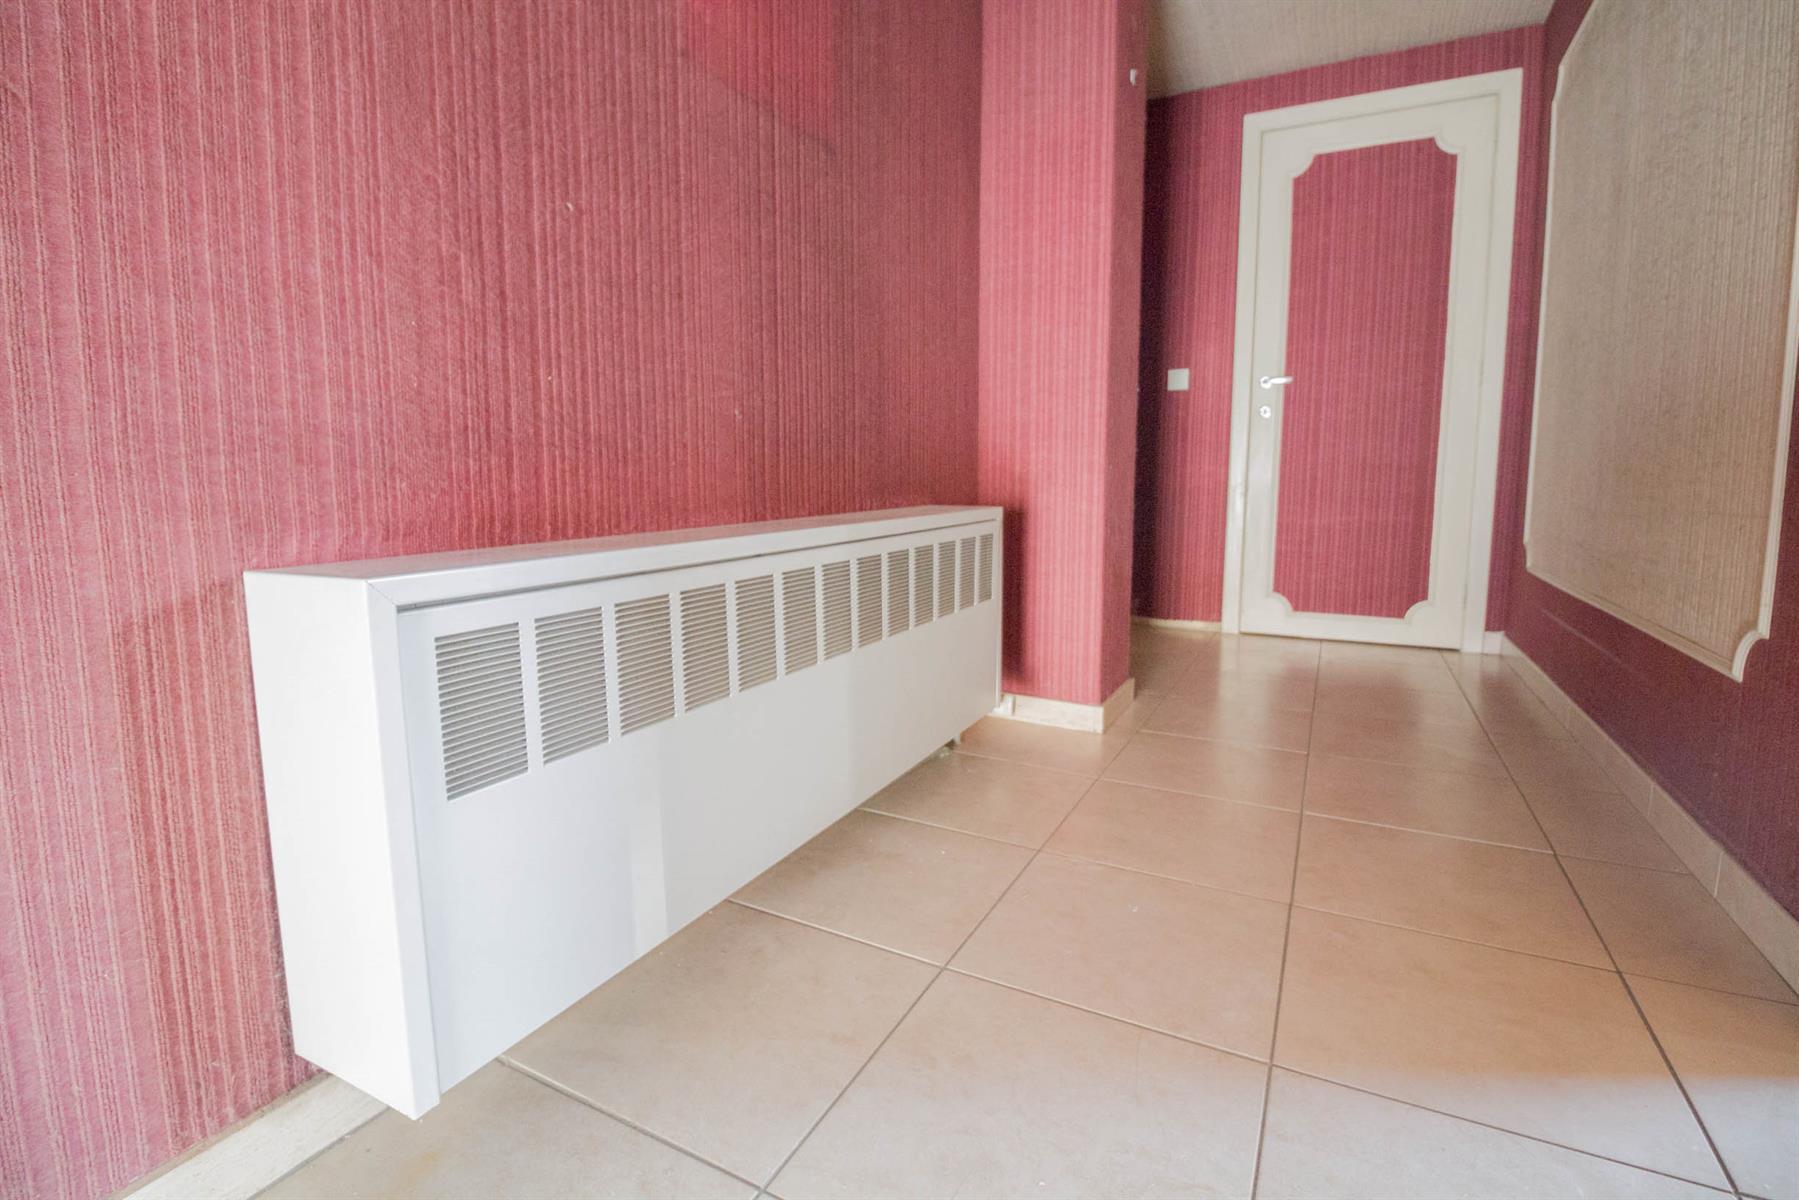 Maison - Trazegnies - #4344336-1